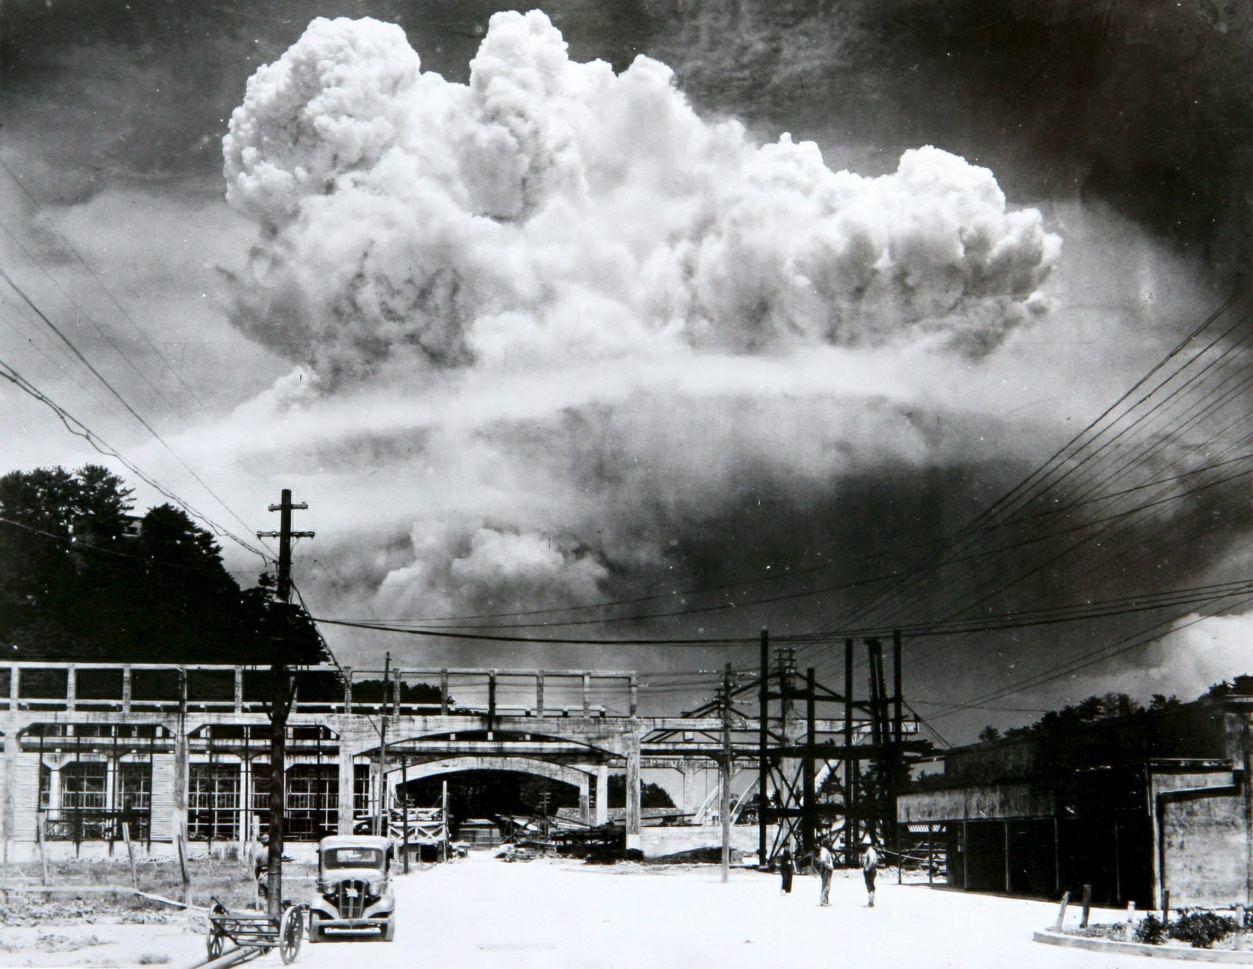 An atomic cloud looms over Nagasaki